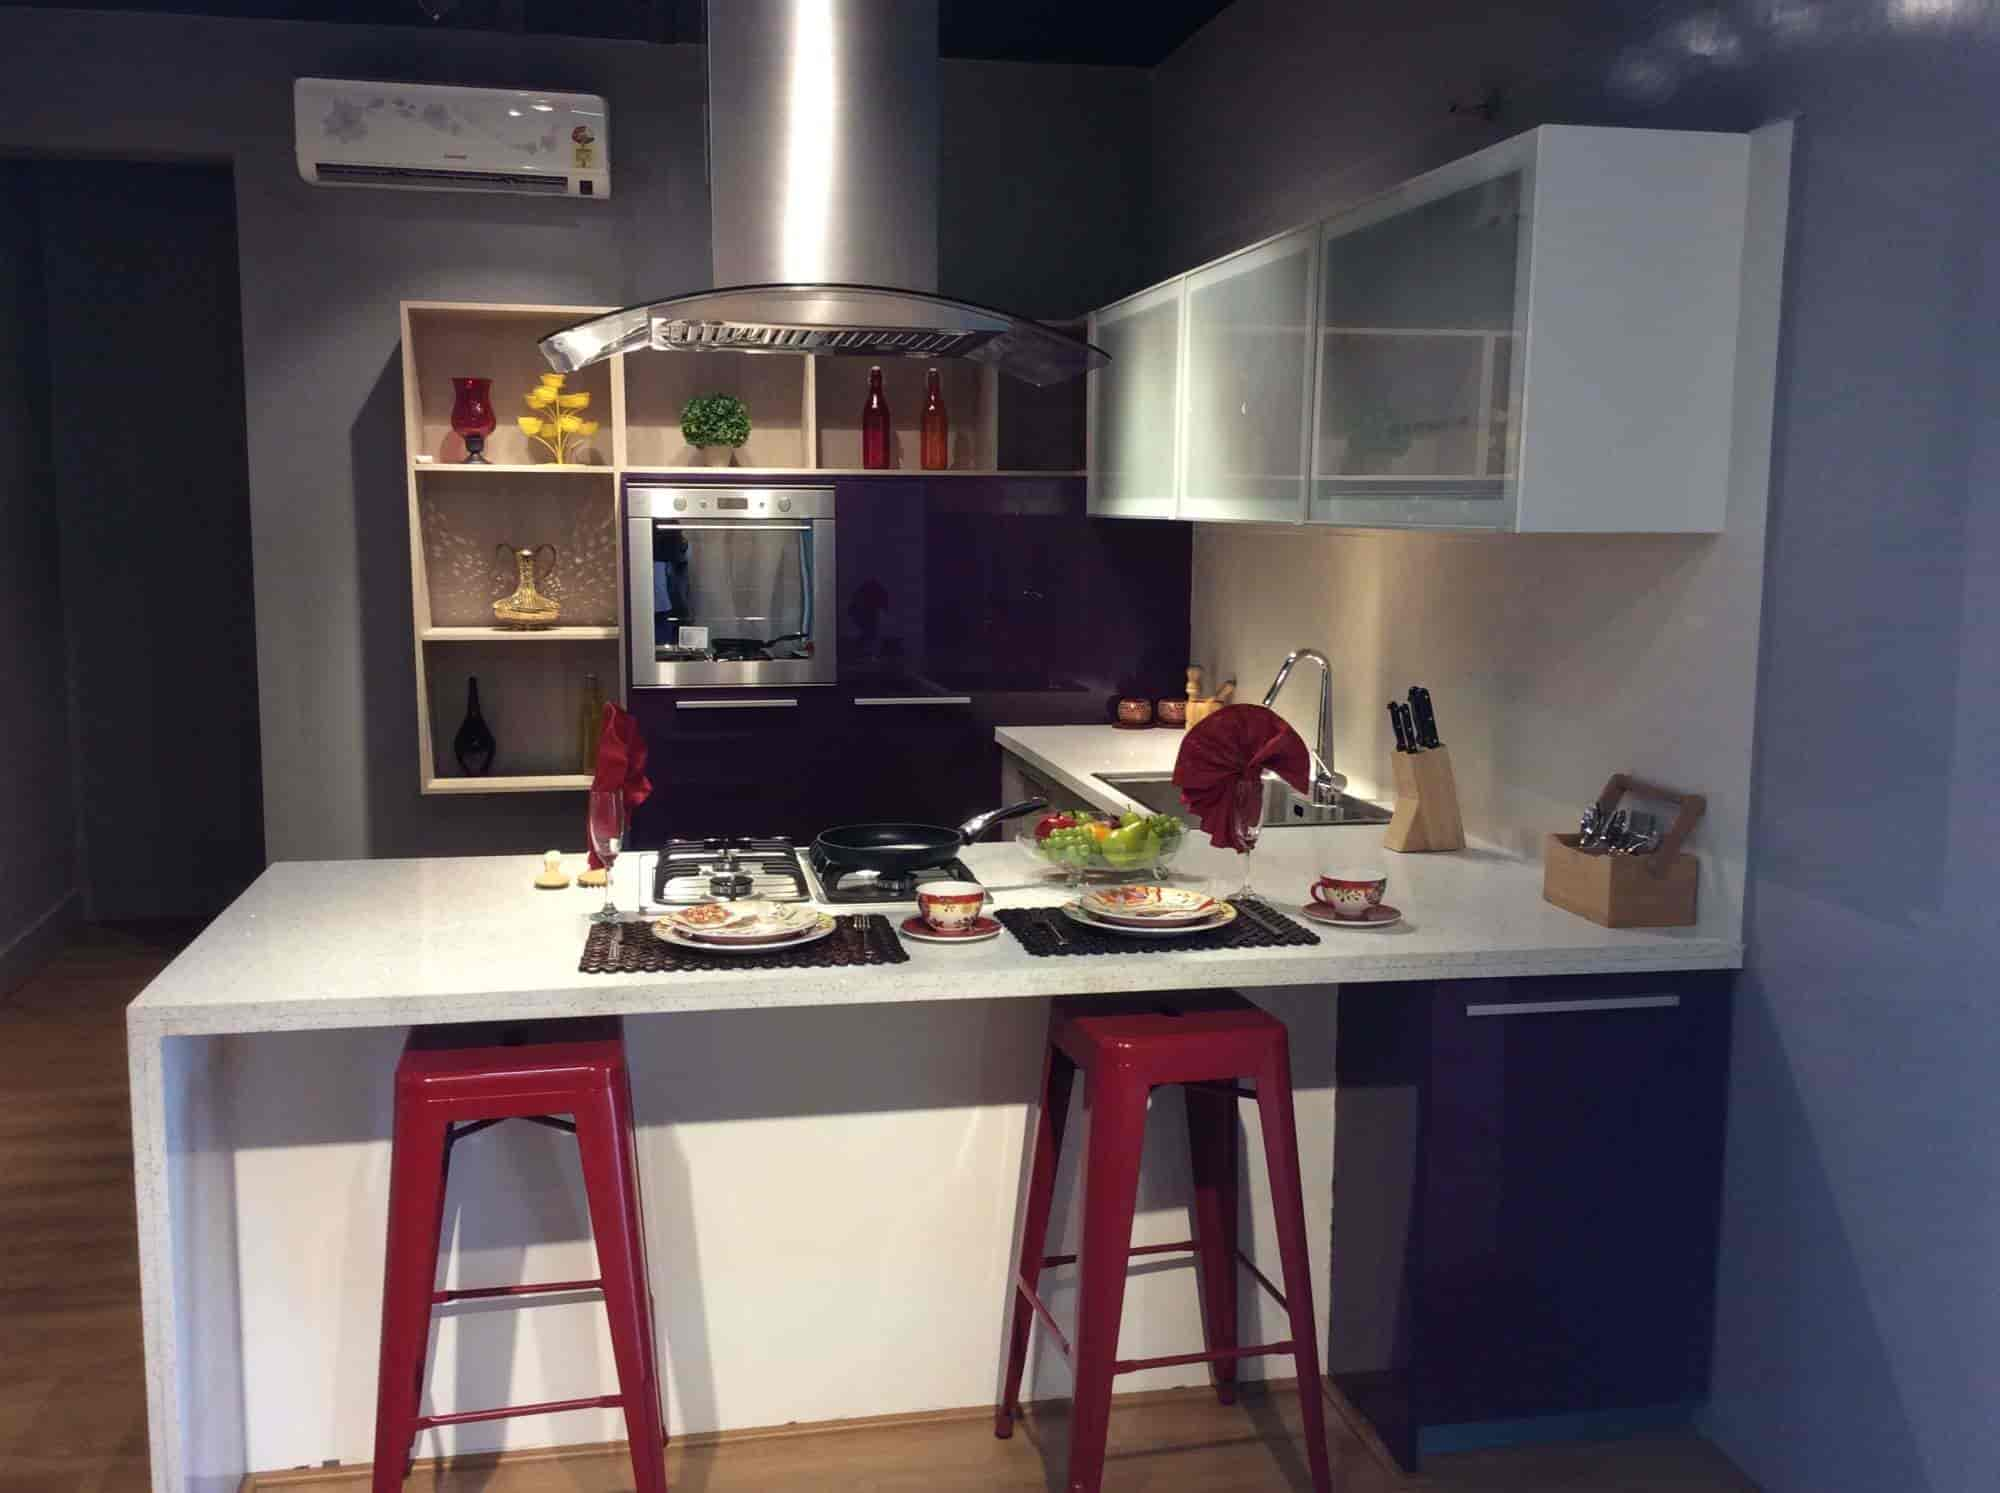 Ziemlich Küche Und Unternehmen Galerie - Ideen Für Die Küche ...